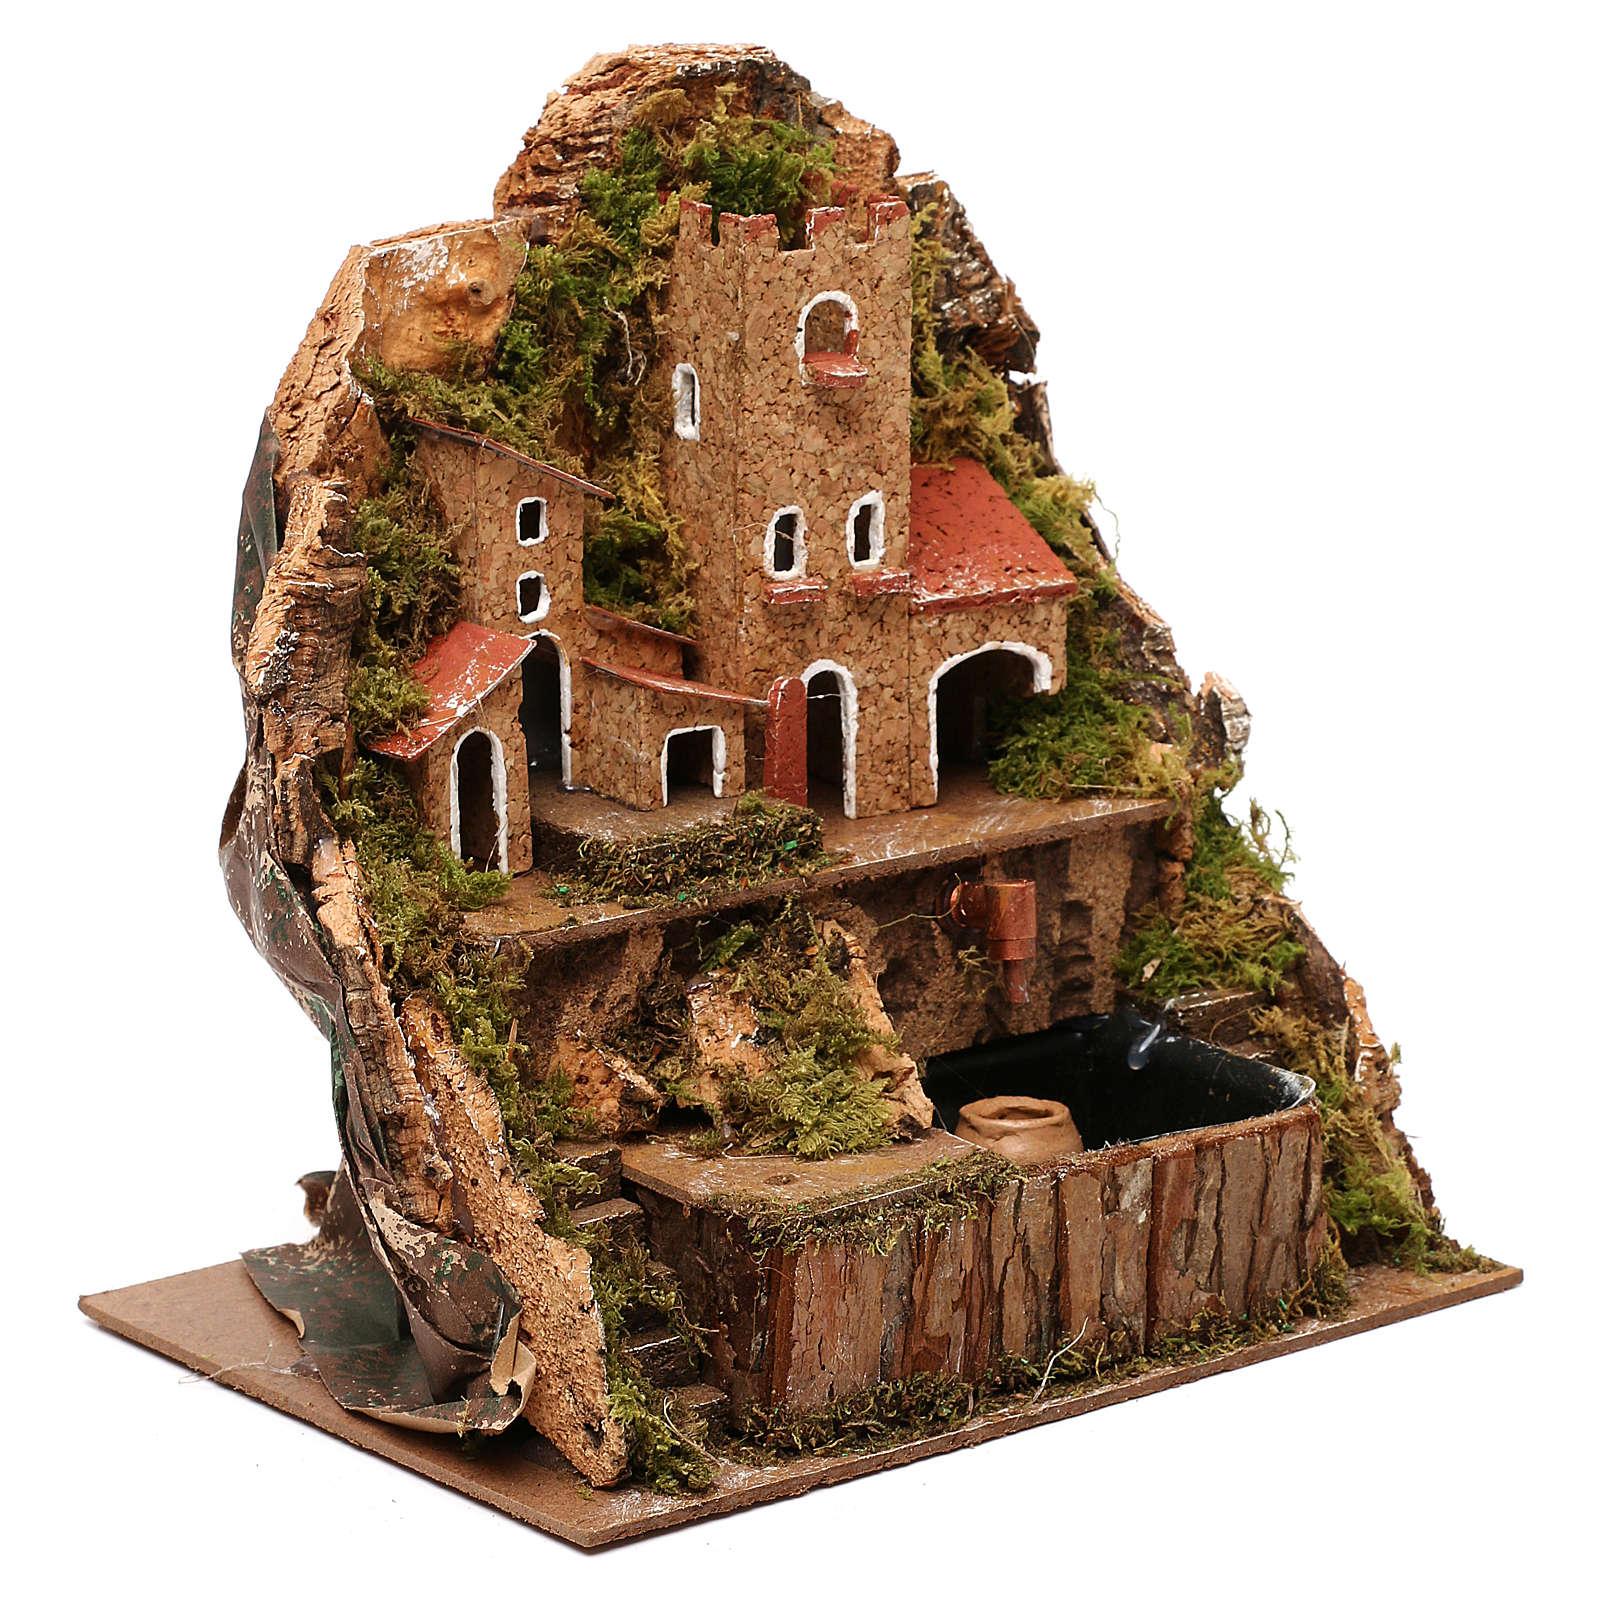 Fontana con pompa villaggio per presepe 20x15x20 cm 4